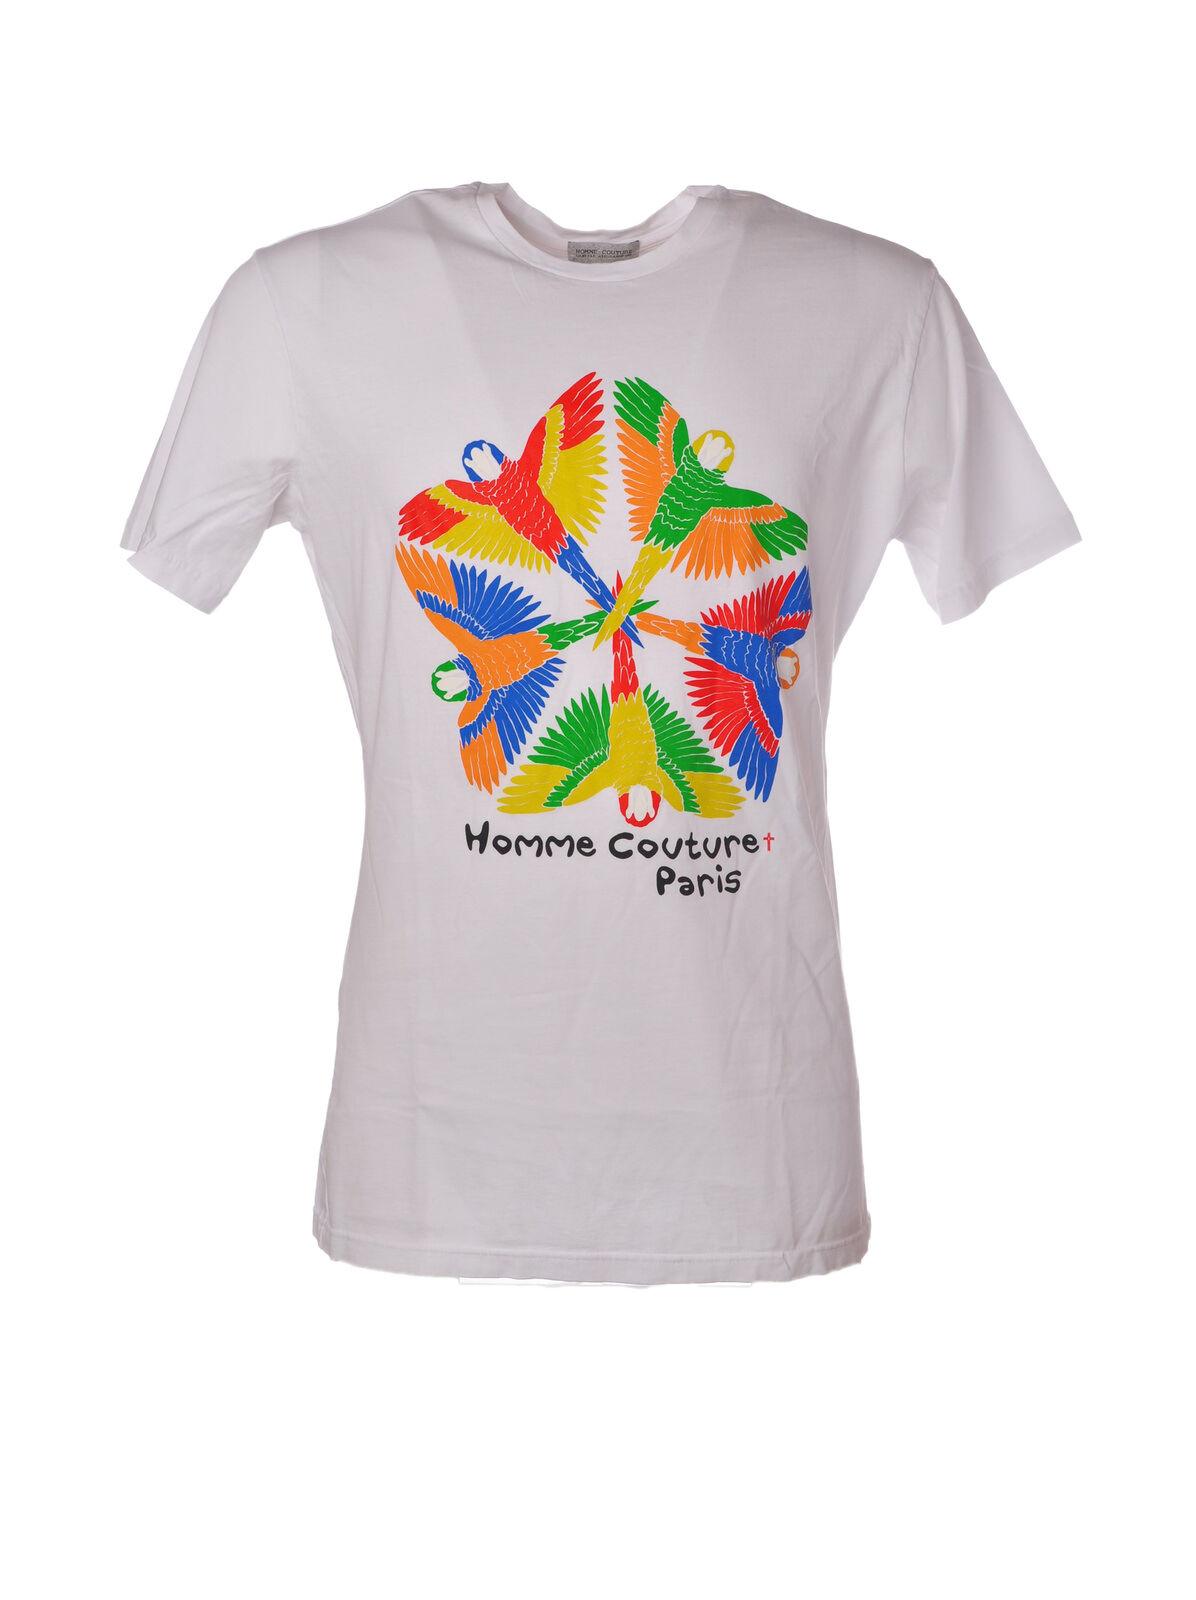 Daniele Alessandrini - Topwear-T-shirts - Man - Weiß - 5052412F183800